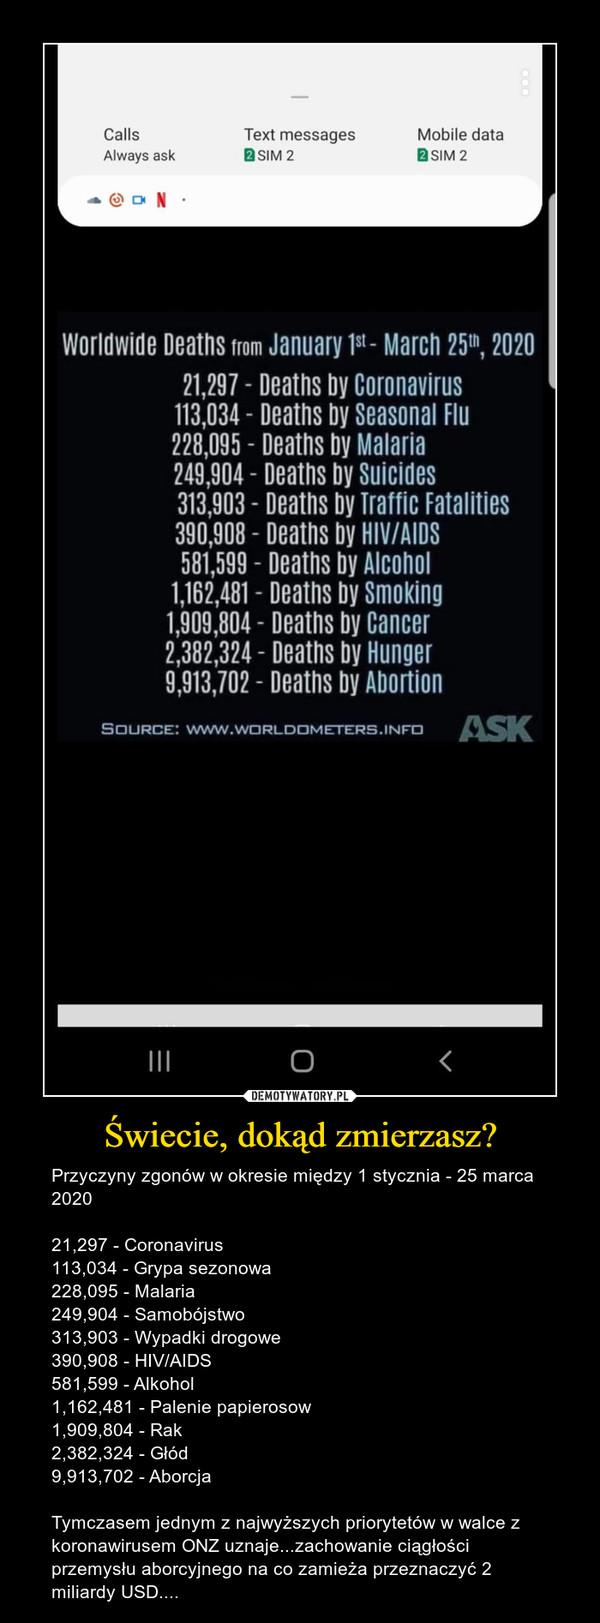 Świecie, dokąd zmierzasz? – Przyczyny zgonów w okresie między 1 stycznia - 25 marca 202021,297 - Coronavirus113,034 - Grypa sezonowa228,095 - Malaria249,904 - Samobójstwo313,903 - Wypadki drogowe390,908 - HIV/AIDS581,599 - Alkohol1,162,481 - Palenie papierosow1,909,804 - Rak2,382,324 - Głód9,913,702 - Aborcja Tymczasem jednym z najwyższych priorytetów w walce z koronawirusem ONZ uznaje...zachowanie ciągłości przemysłu aborcyjnego na co zamieża przeznaczyć 2 miliardy USD....